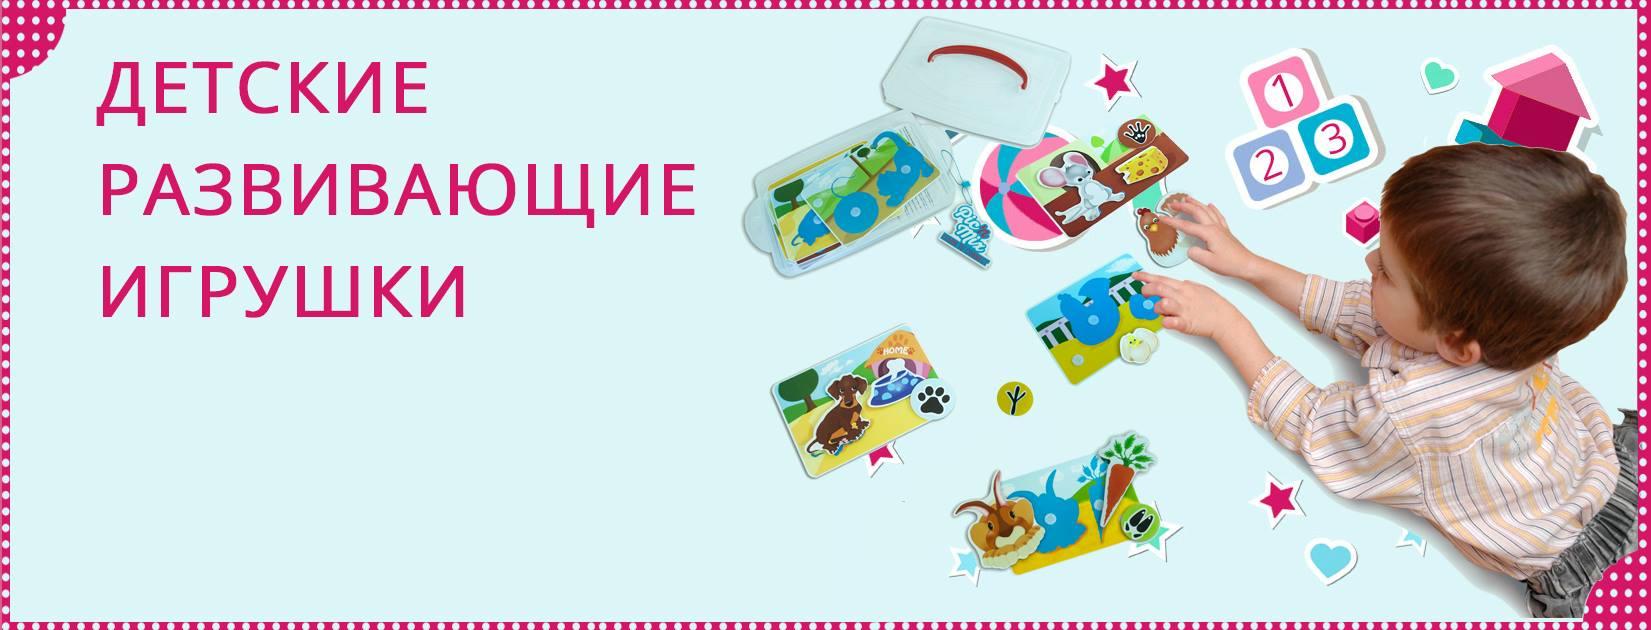 РЕКОМЕНДУЮ!!! Сбор заказов. Picn Mix - умные липучки. Развивающие игрушки для детей от 6 мес.от ведущего российского